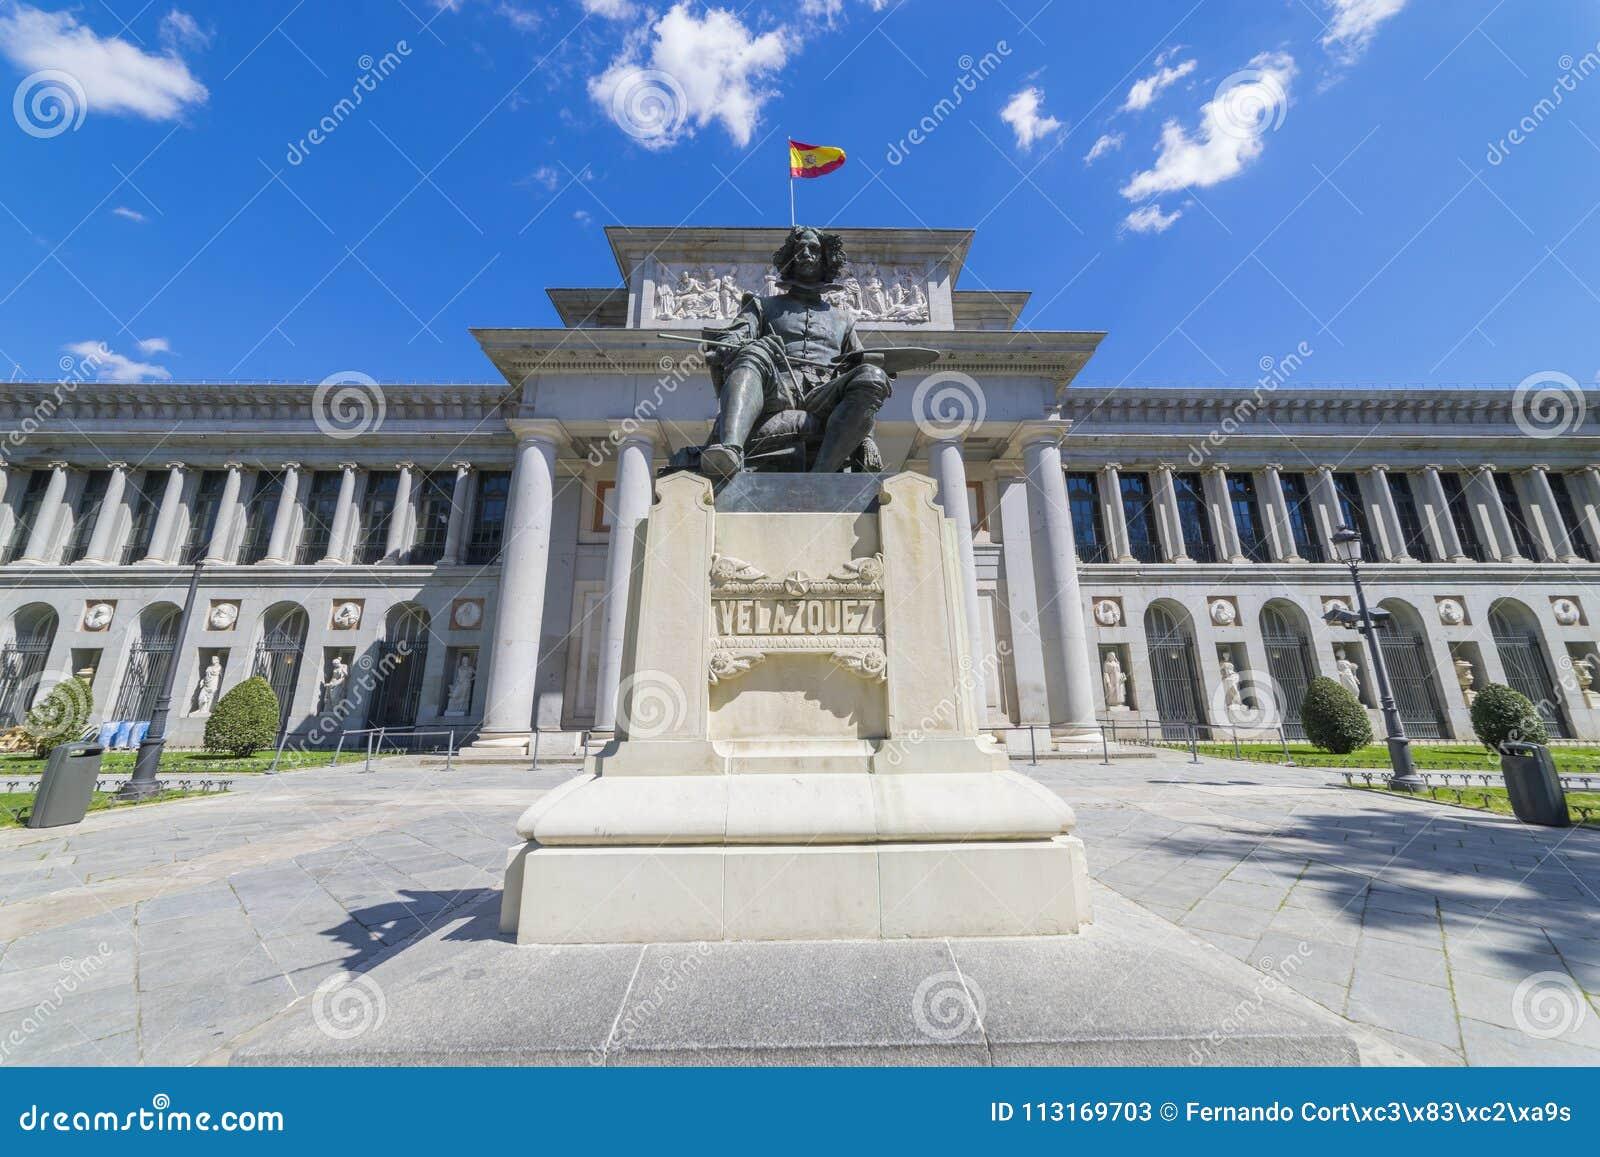 Główna fasada Prado muzeum, stara galeria sztuki w Hiszpania, Madri